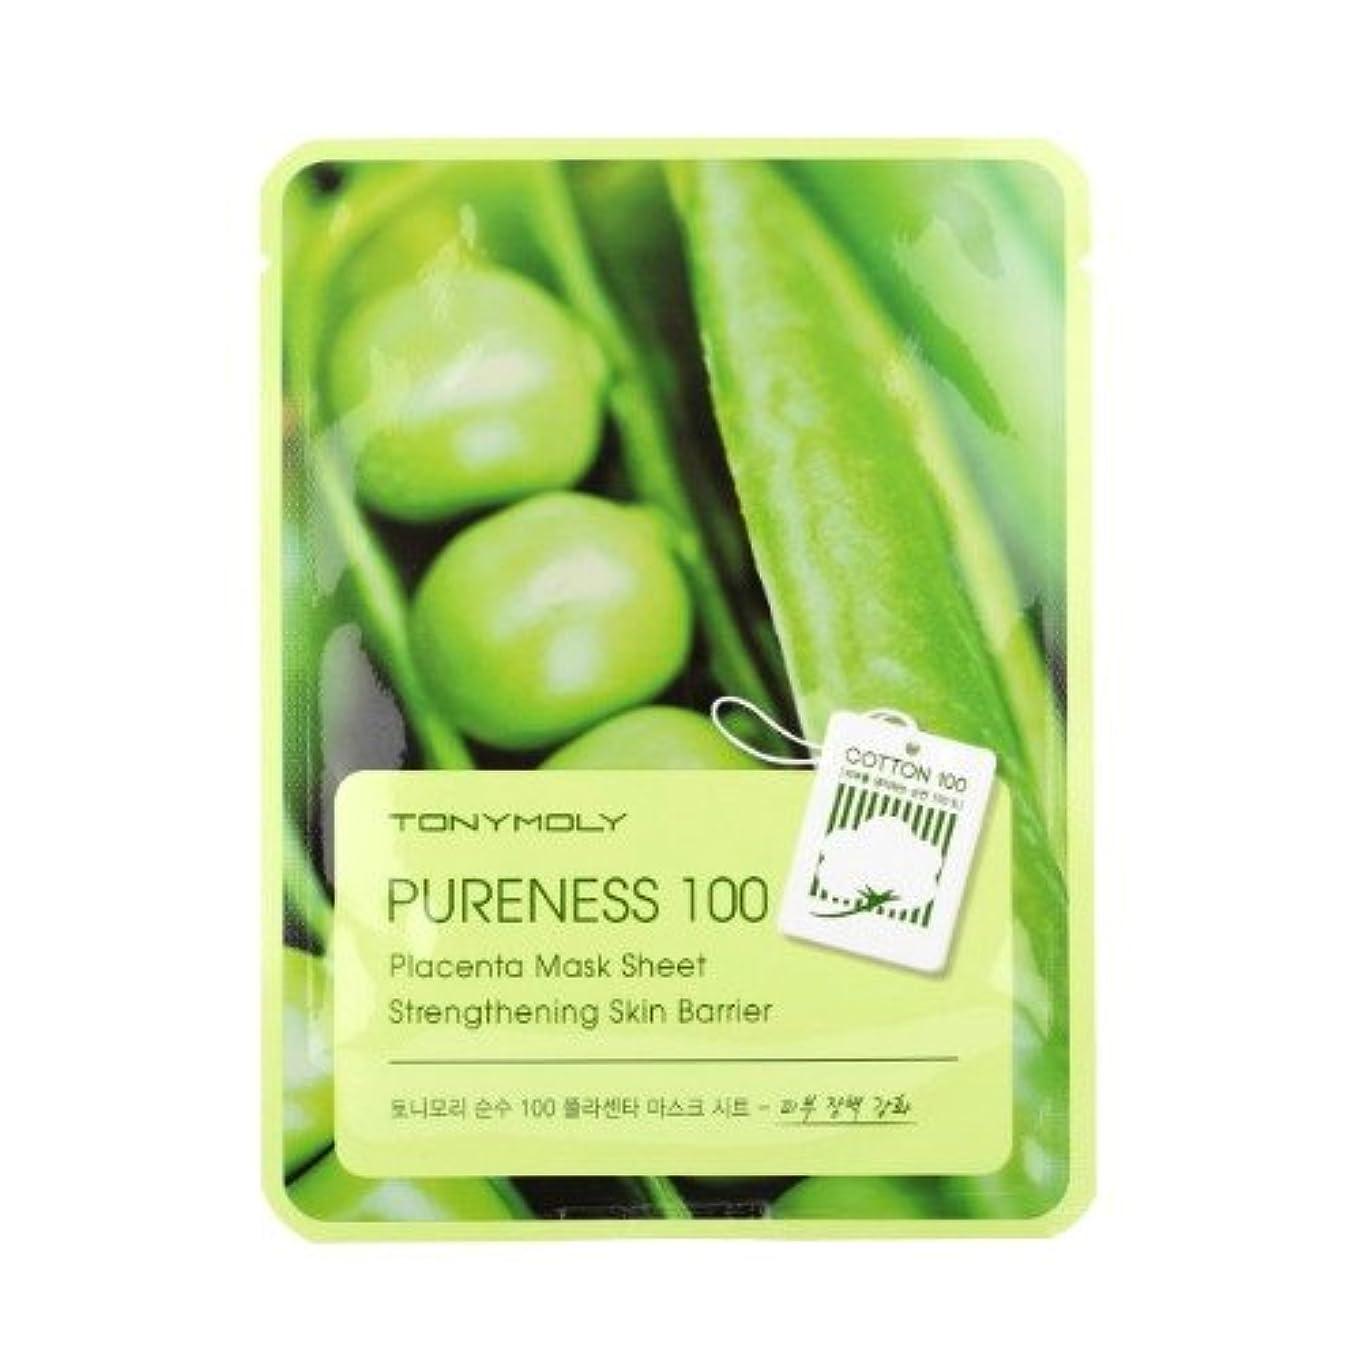 脚本家即席継承(6 Pack) TONYMOLY Pureness 100 Placenta Mask Sheet Strengthening Skin Barrier (並行輸入品)